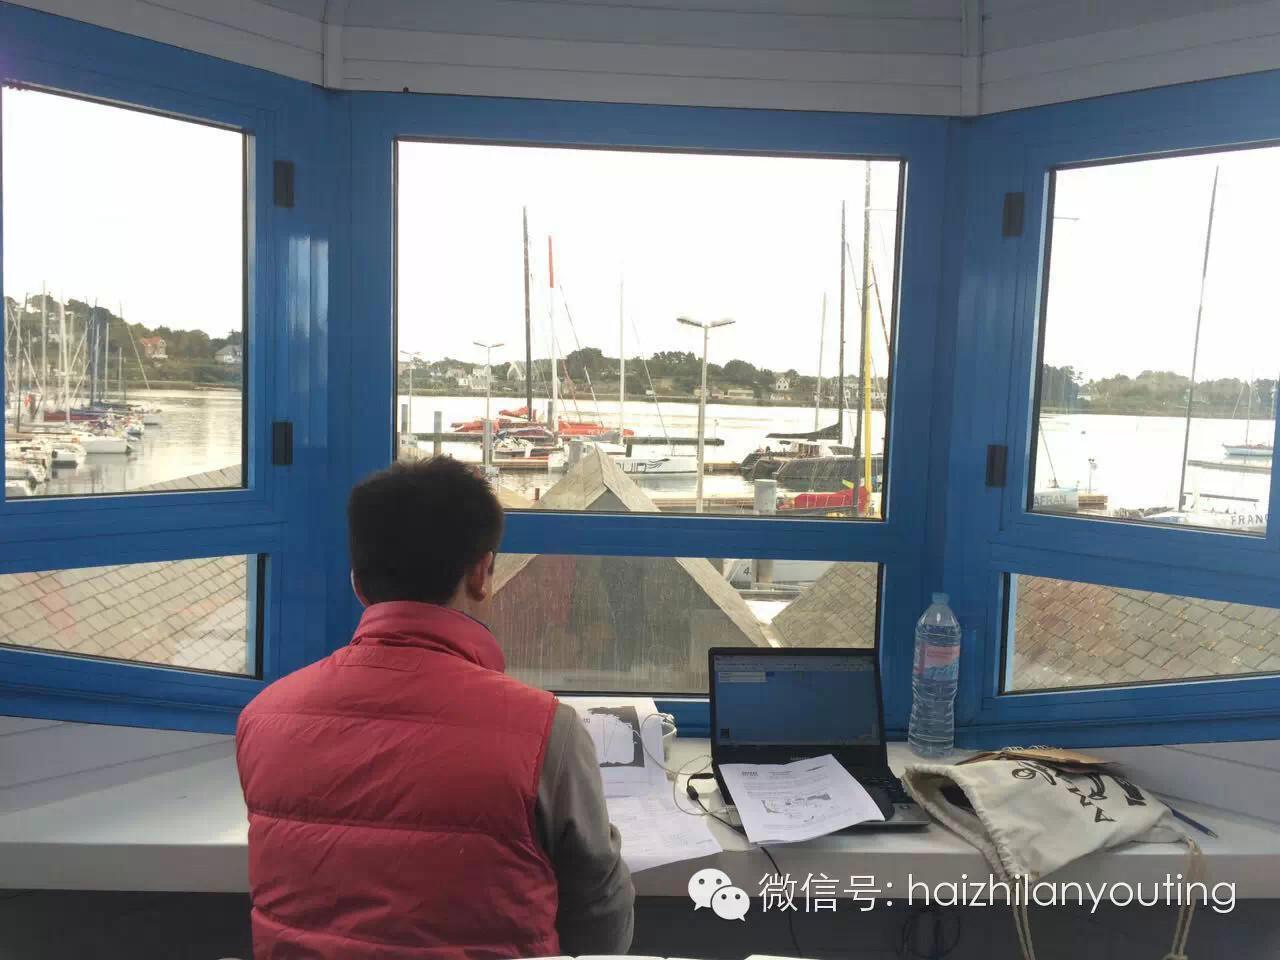 """通讯设备,国际帆联,航海技术,大西洋,培训机构,通讯设备,国际帆联,航海技术,大西洋,培训机构 徐京坤的新梦想----参加2015年""""MINI TRANSAT 650级别单人横渡大西洋帆船赛"""". 96d4a9a2fe3c6961ac8b18fbf7ace552.jpg"""